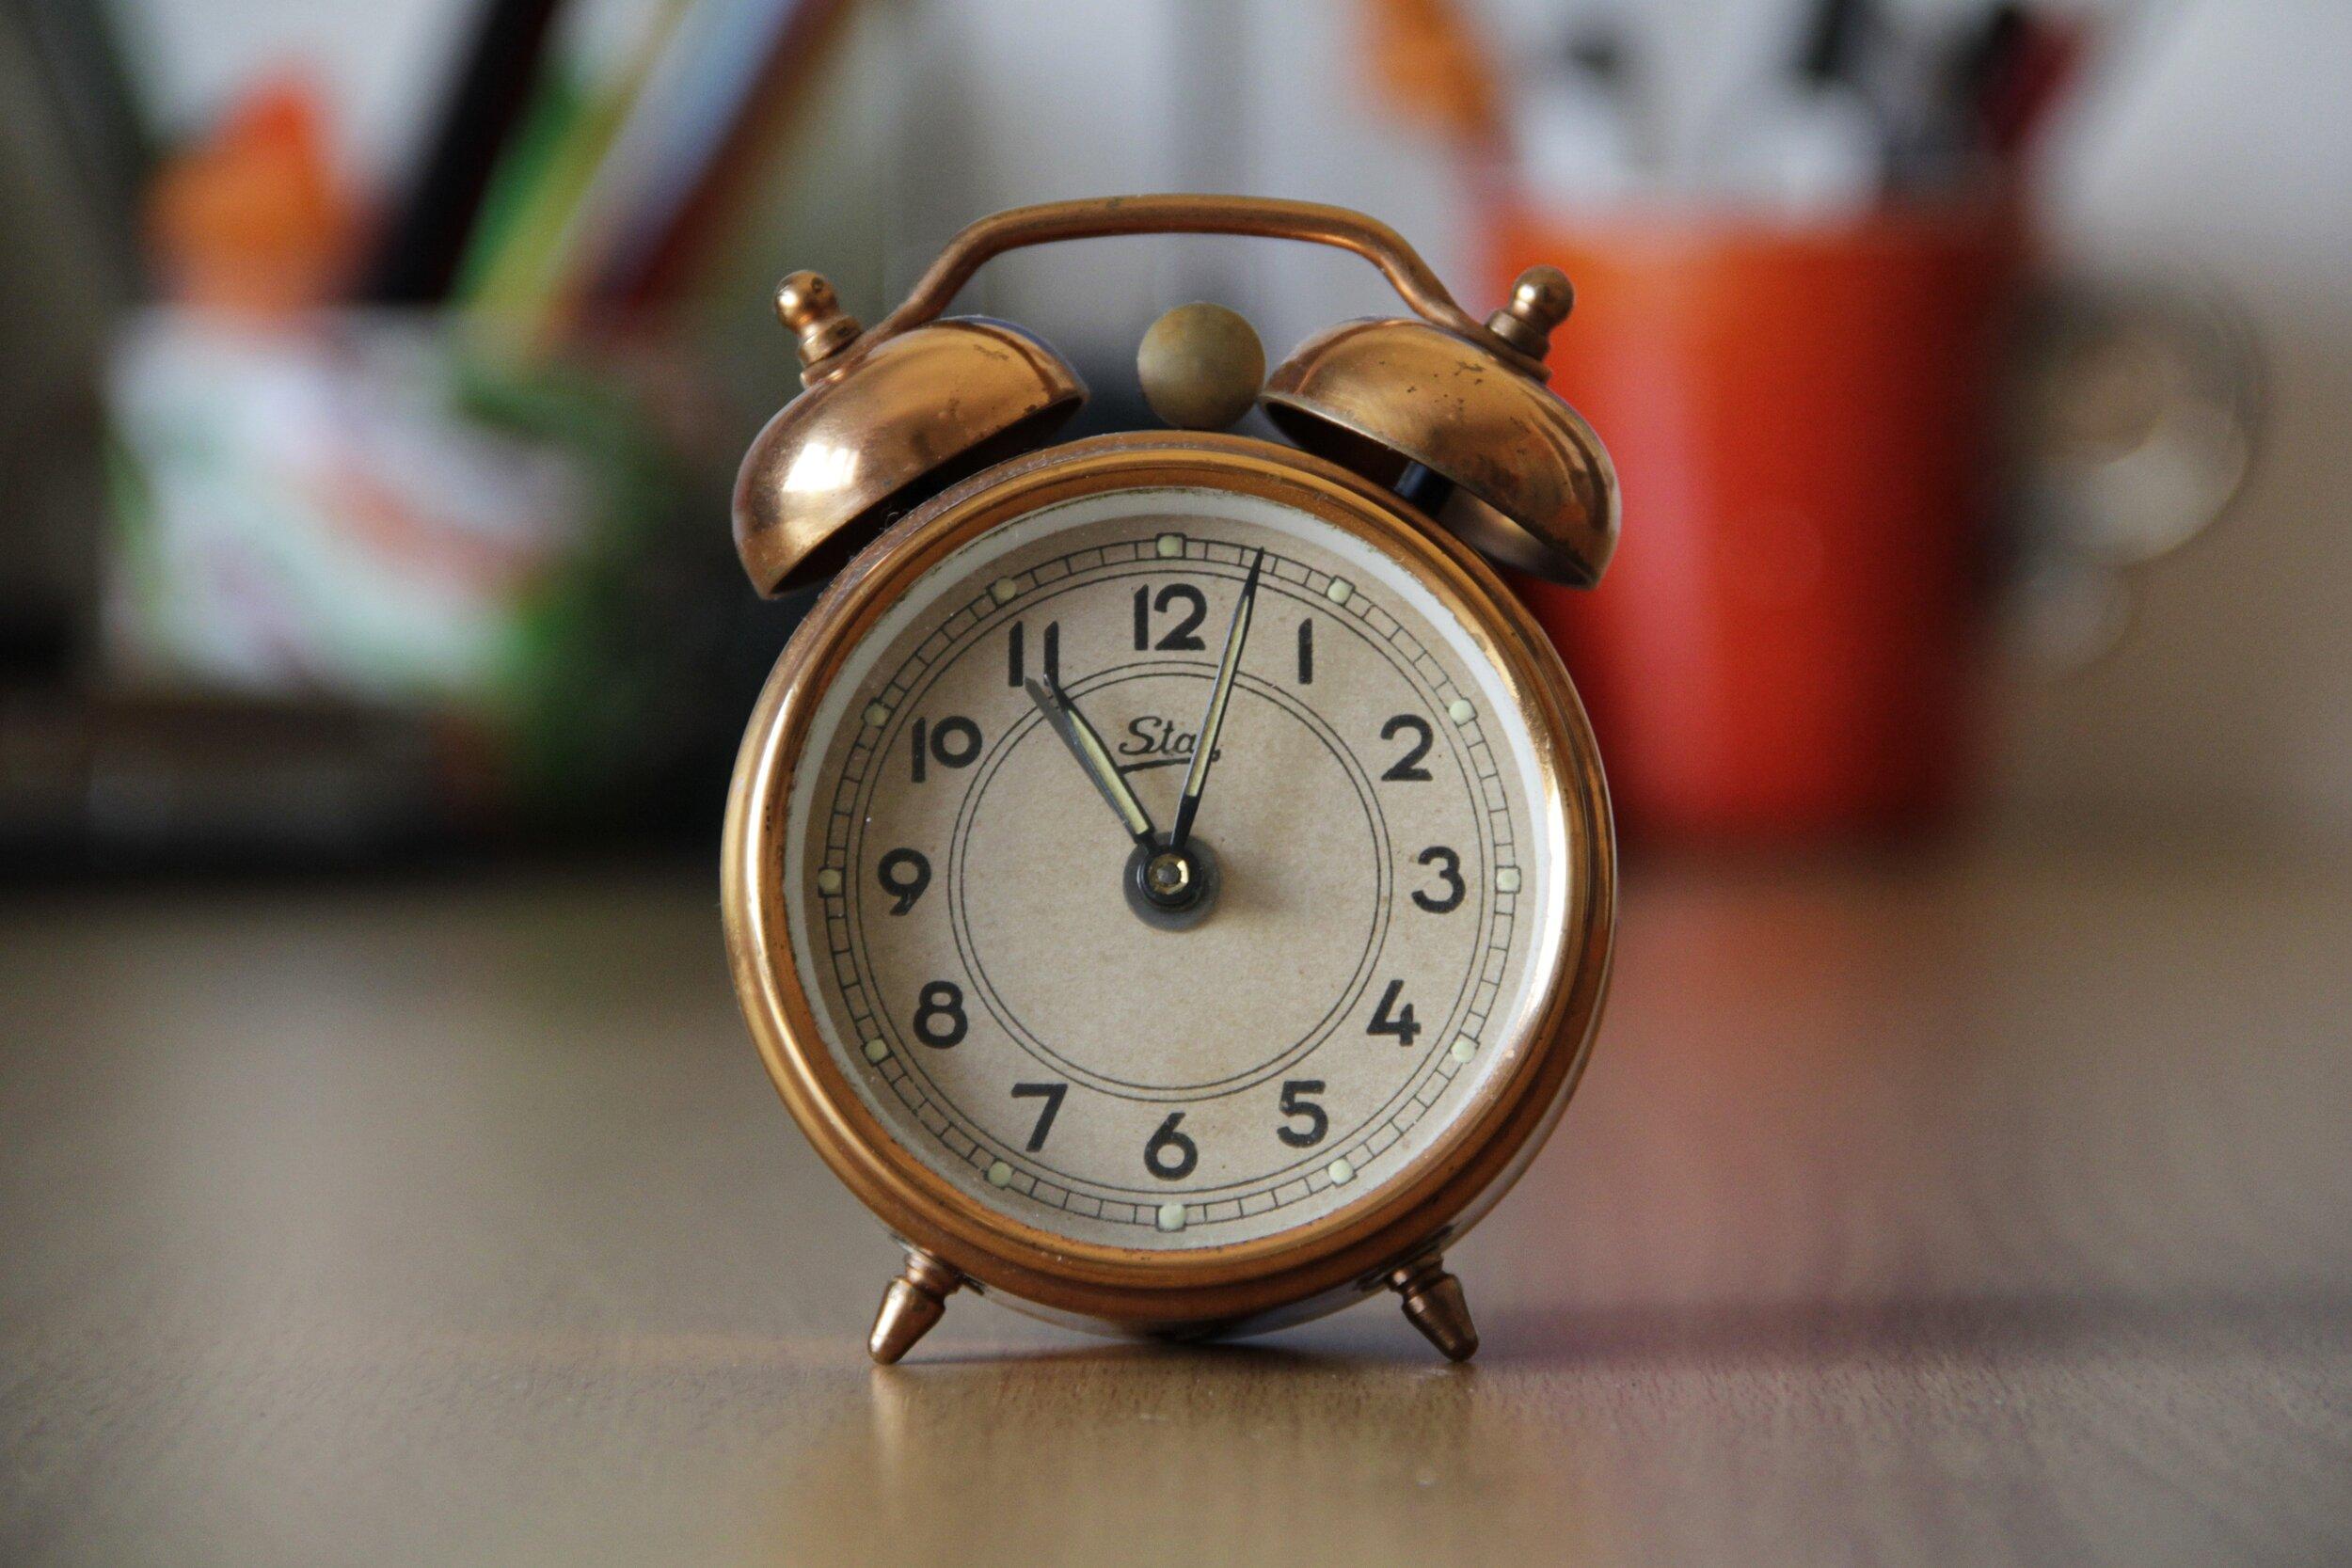 alarm-alarm-clock-antique-210528.jpg